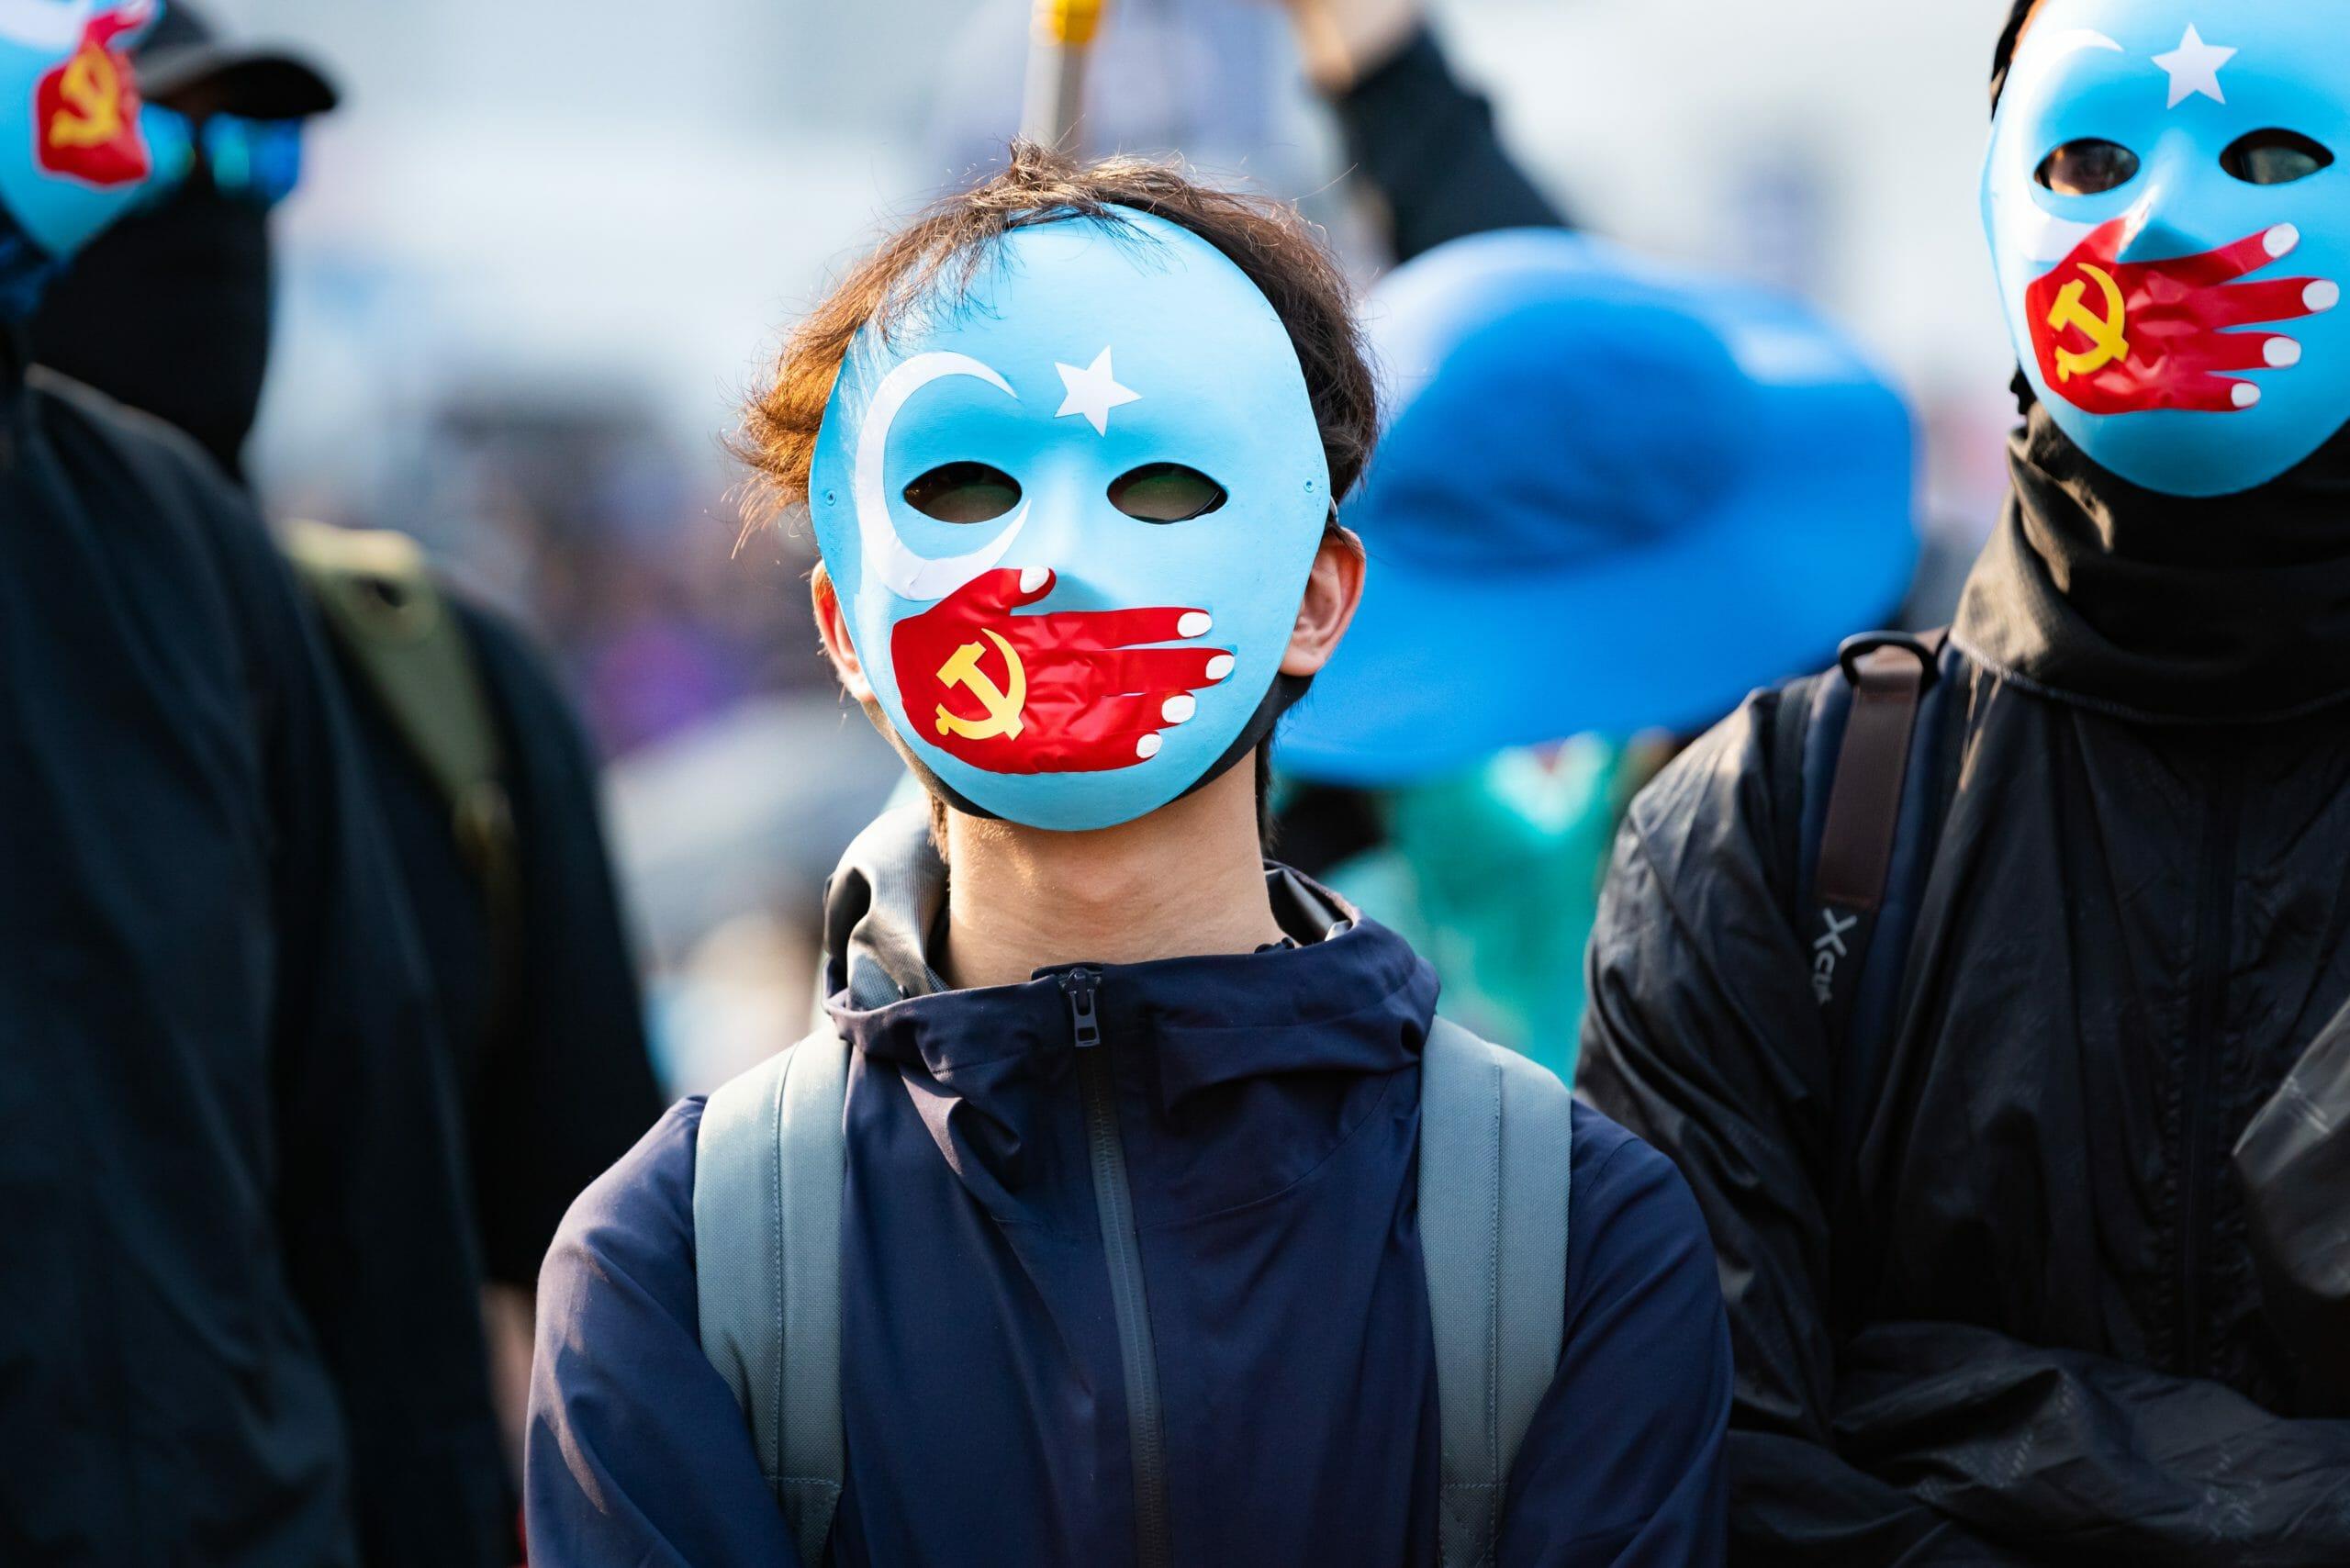 Borgere i Europa: Klima skal toppe agendaen i EU's forhold til Kina